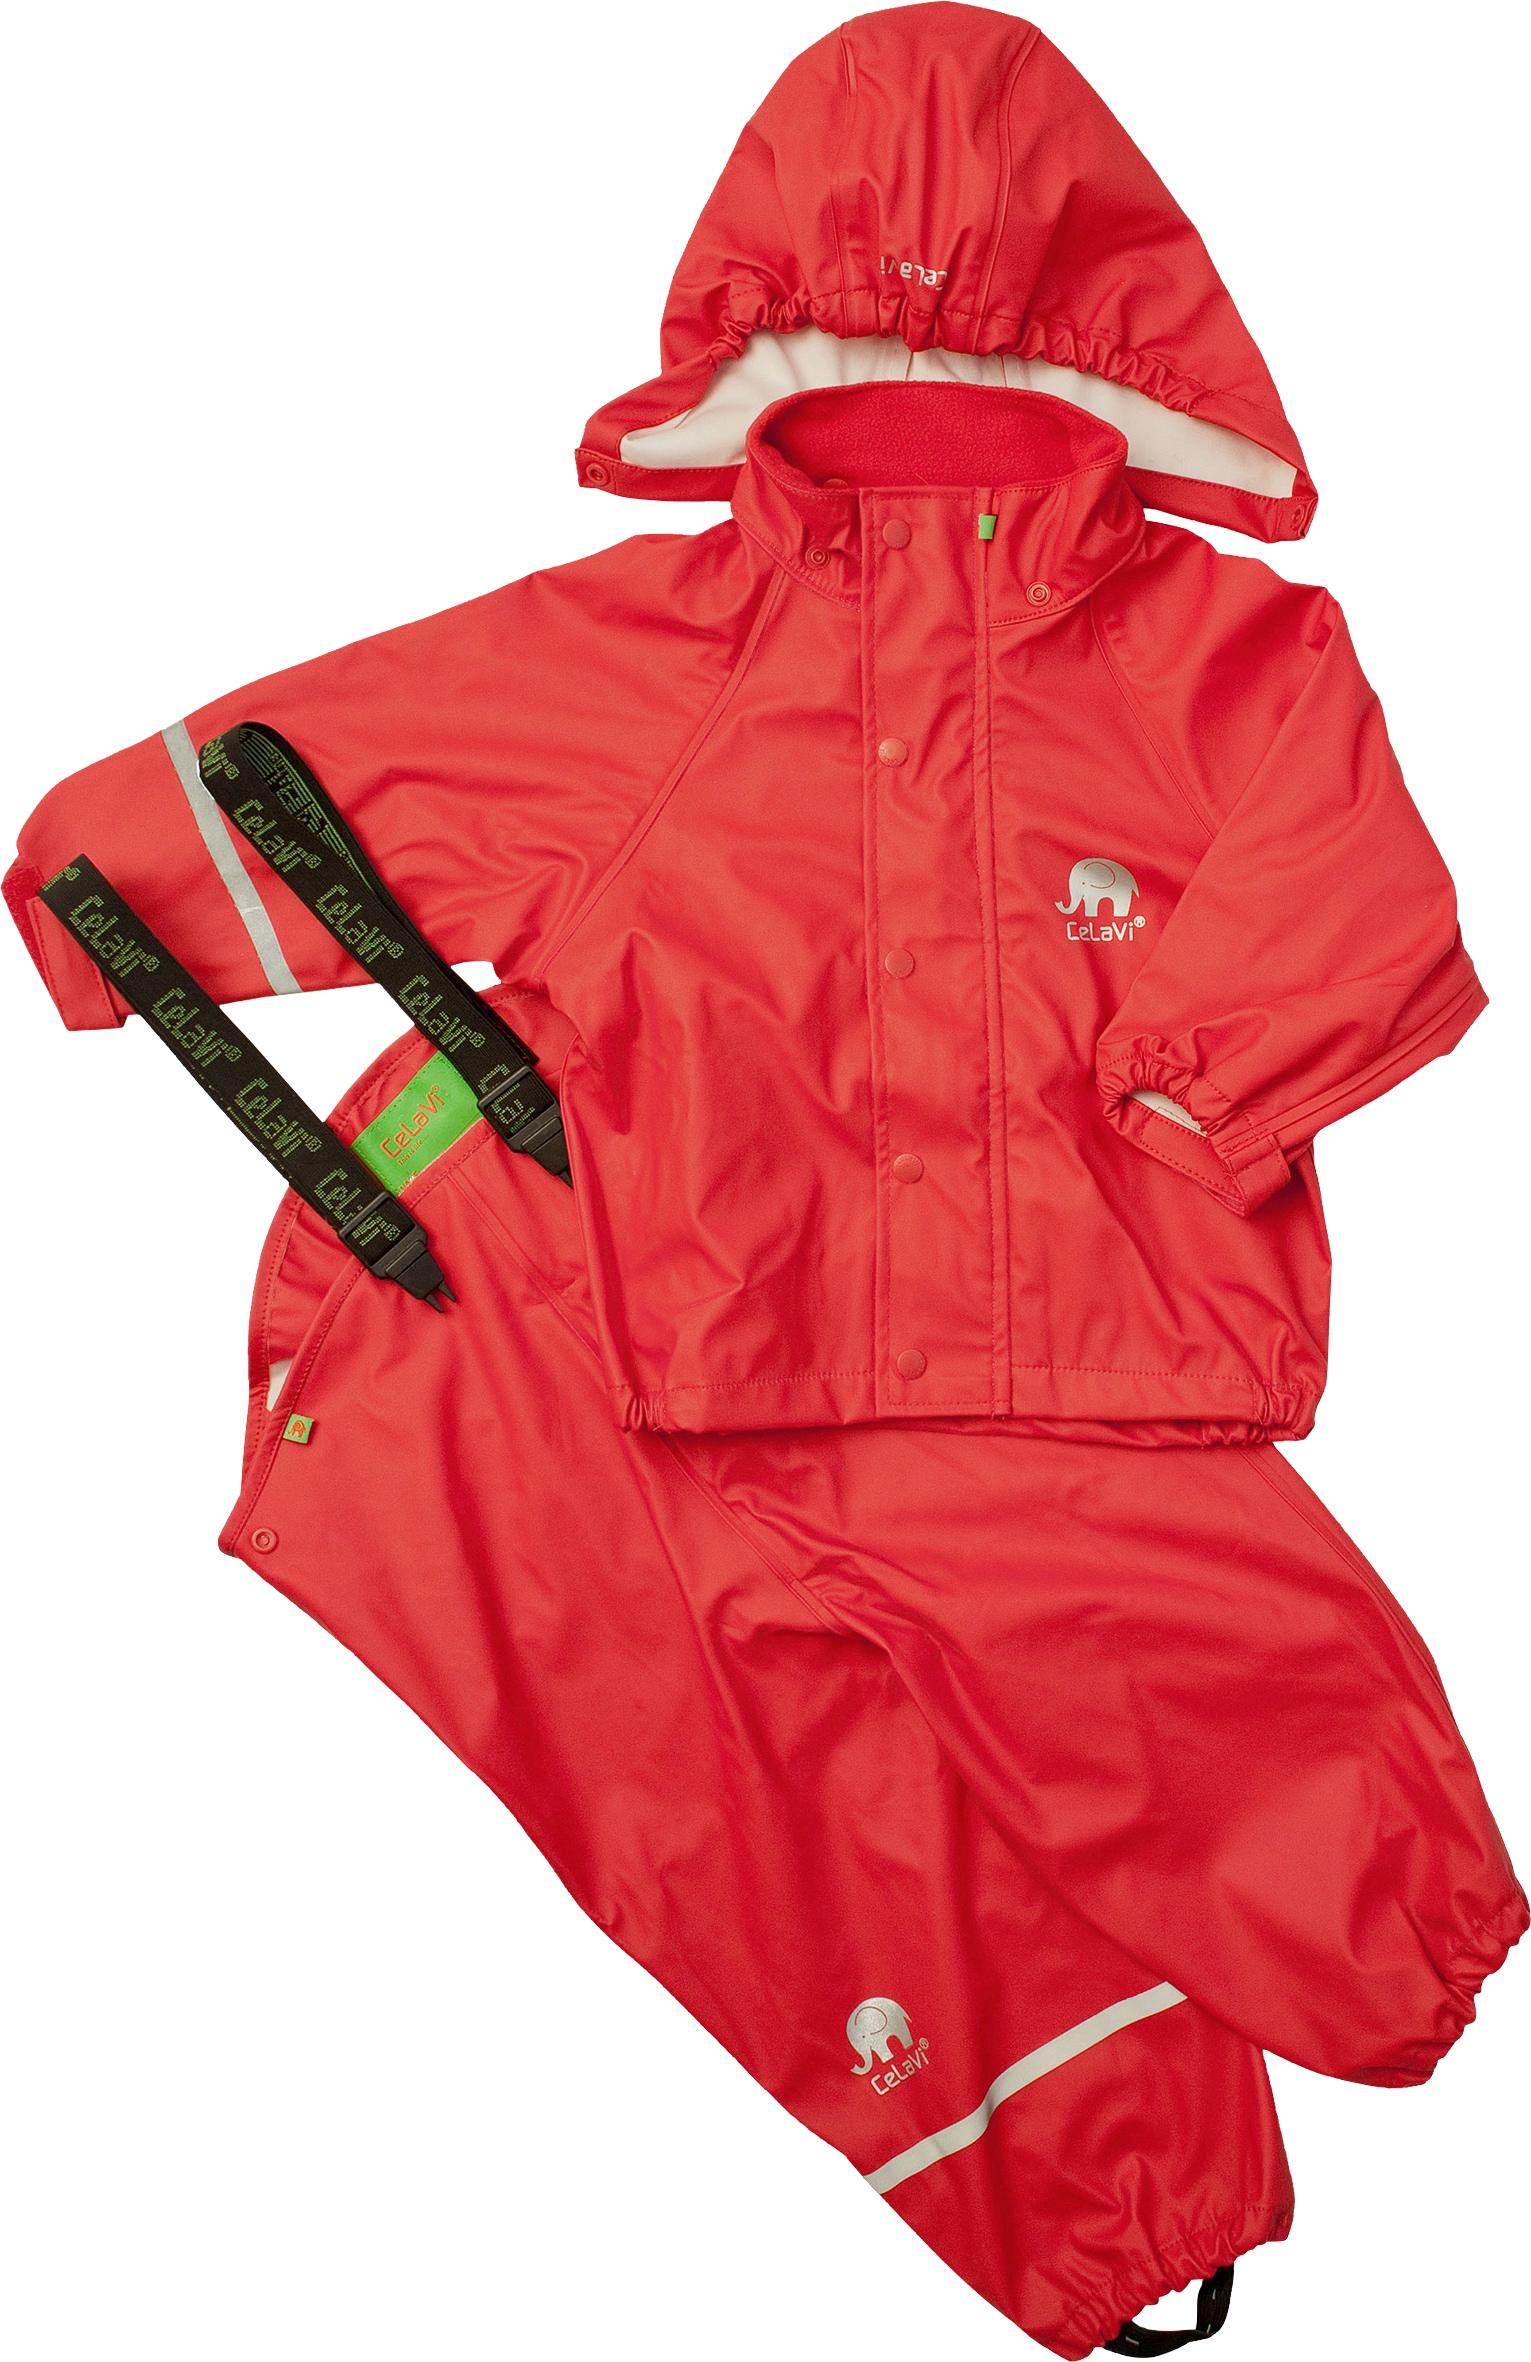 Regenanzug, für Kinder rot Herren Regenanzug Regenanzüge Regenbekleidung Jungenkleidung